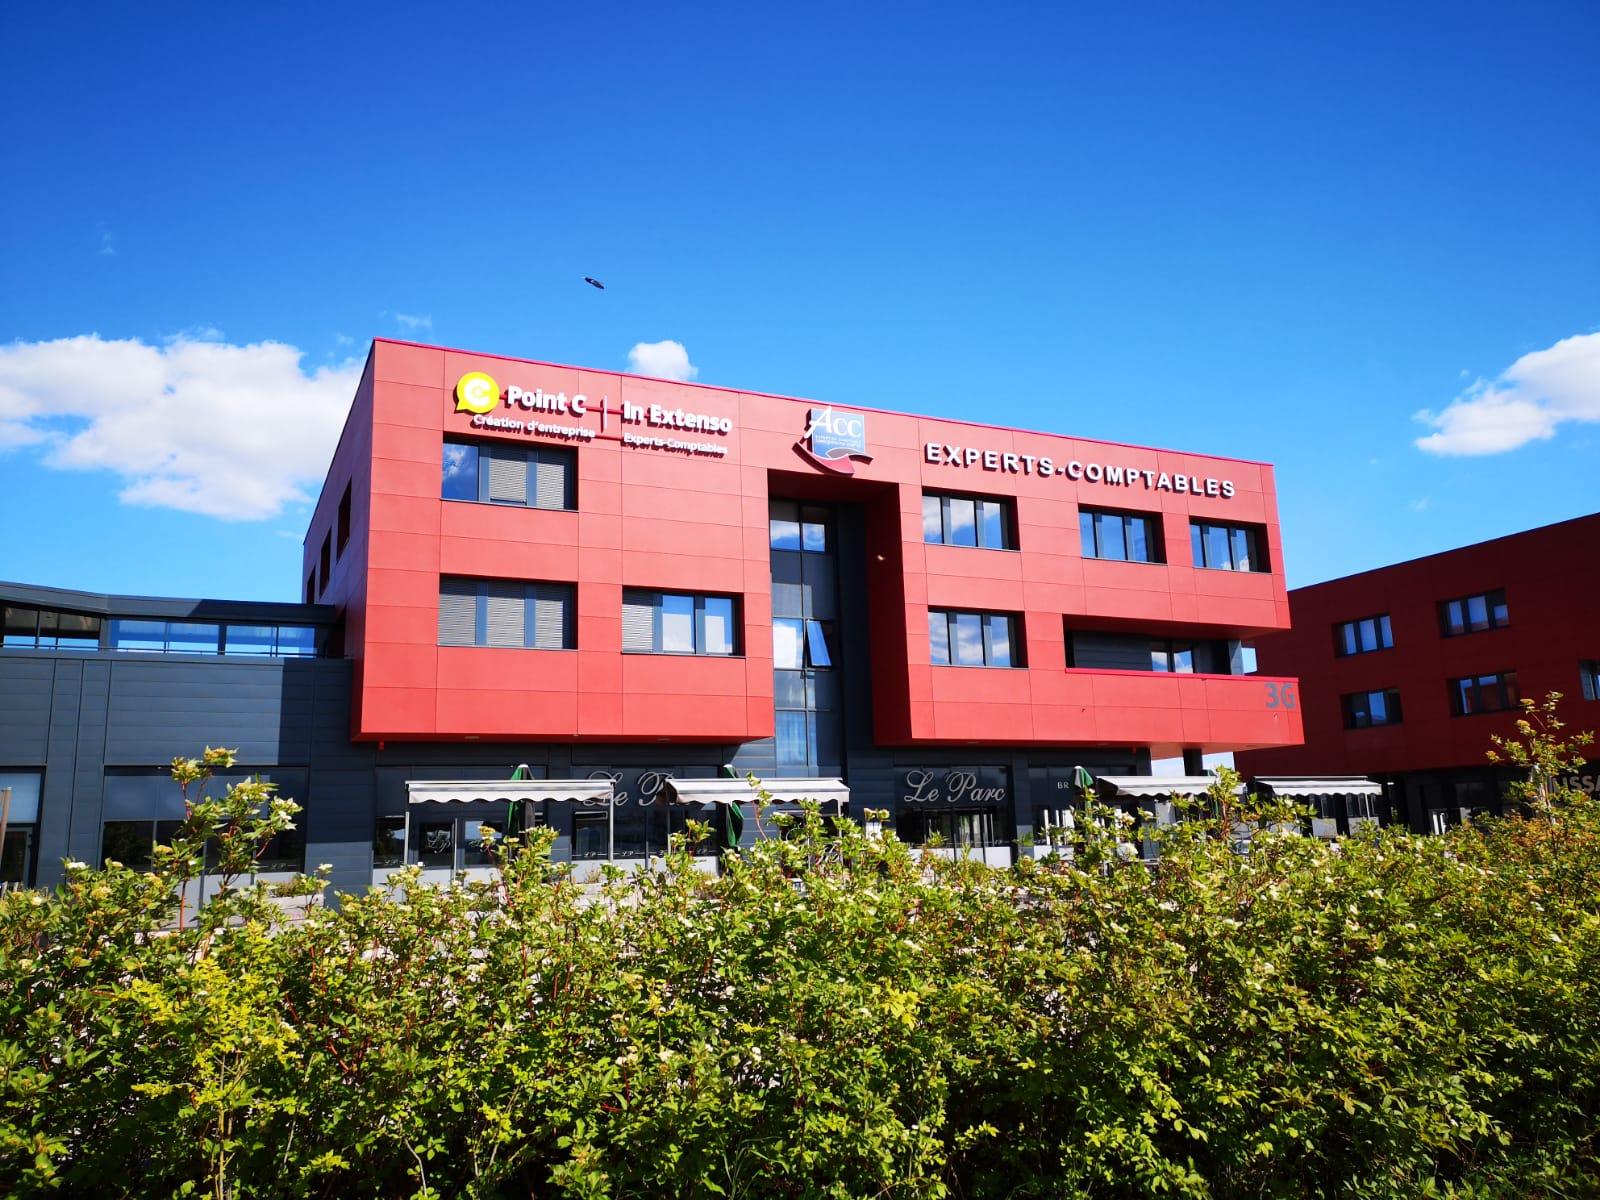 Agence point C de Dijon